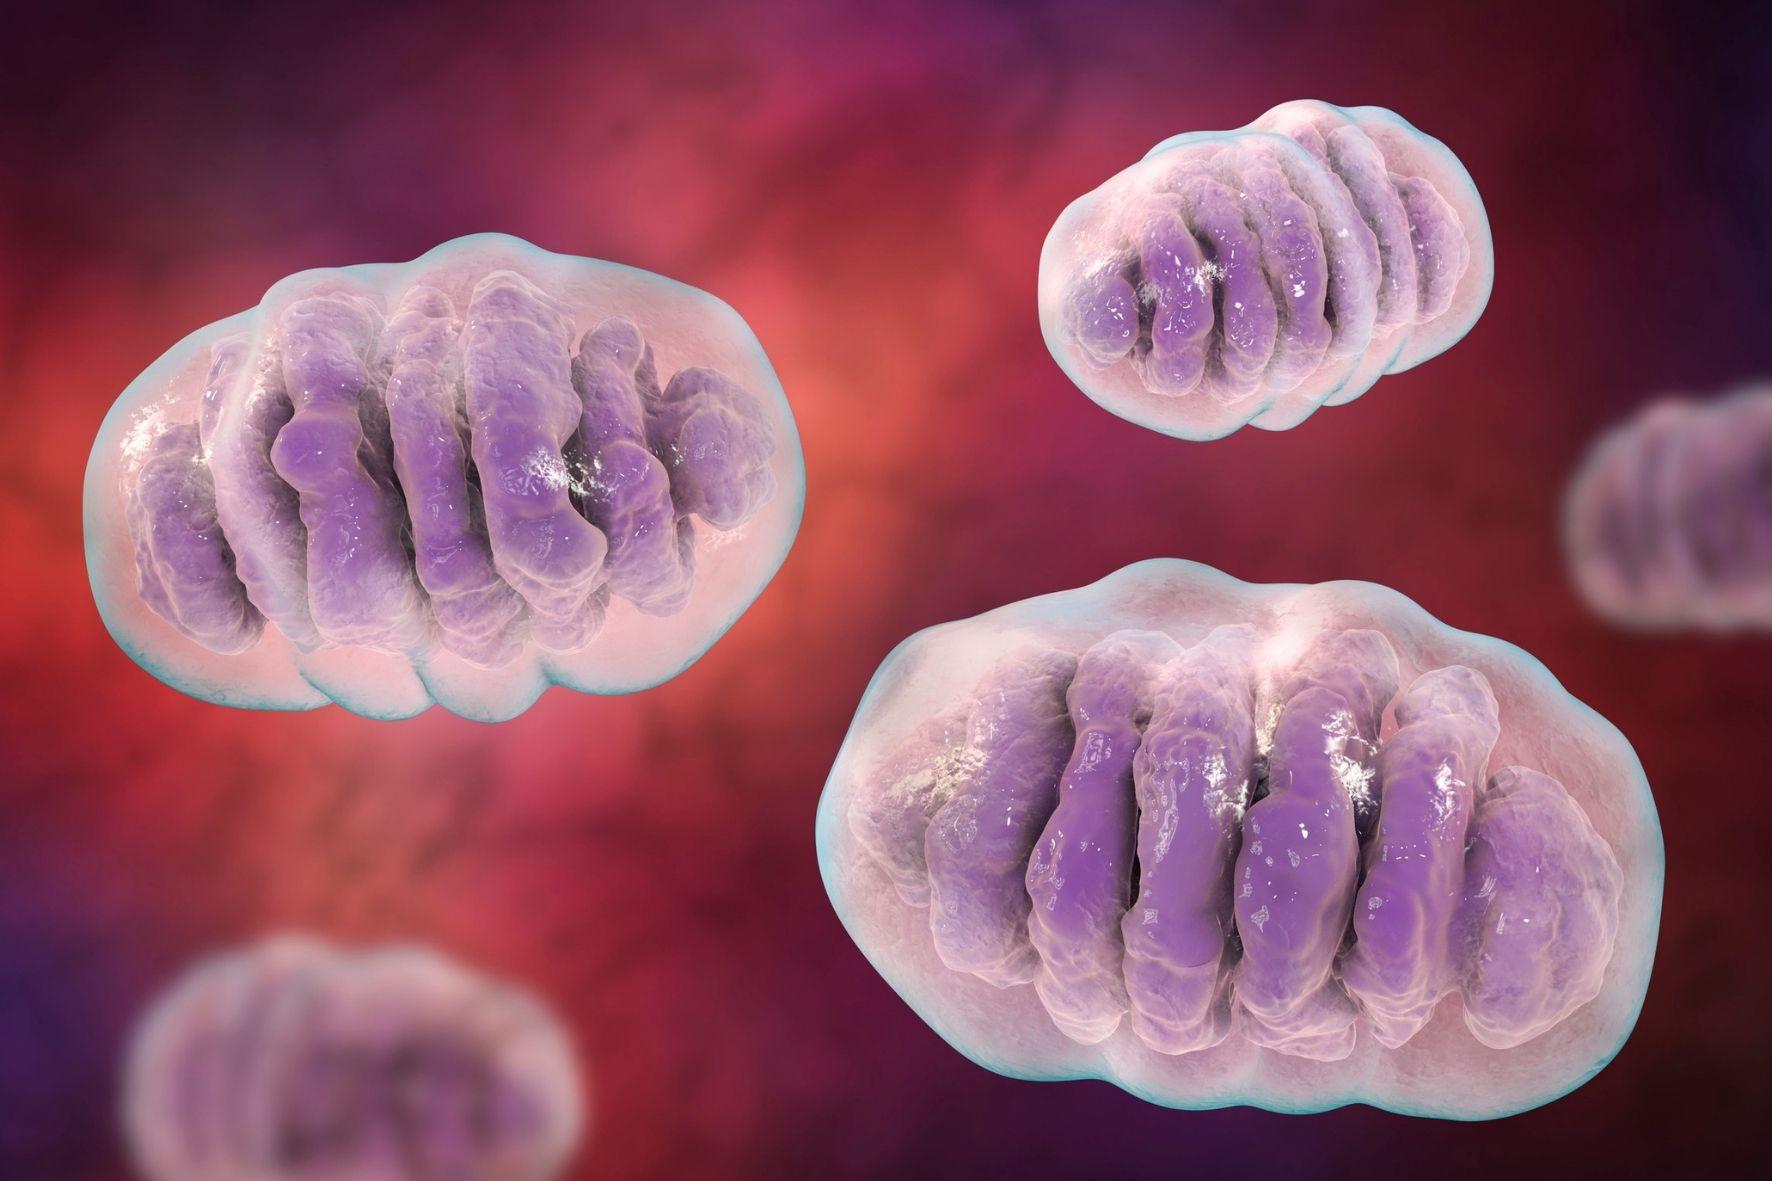 ミトコンドリアDNAが身長の高さや糖尿病の発病率などに関連してると判明!